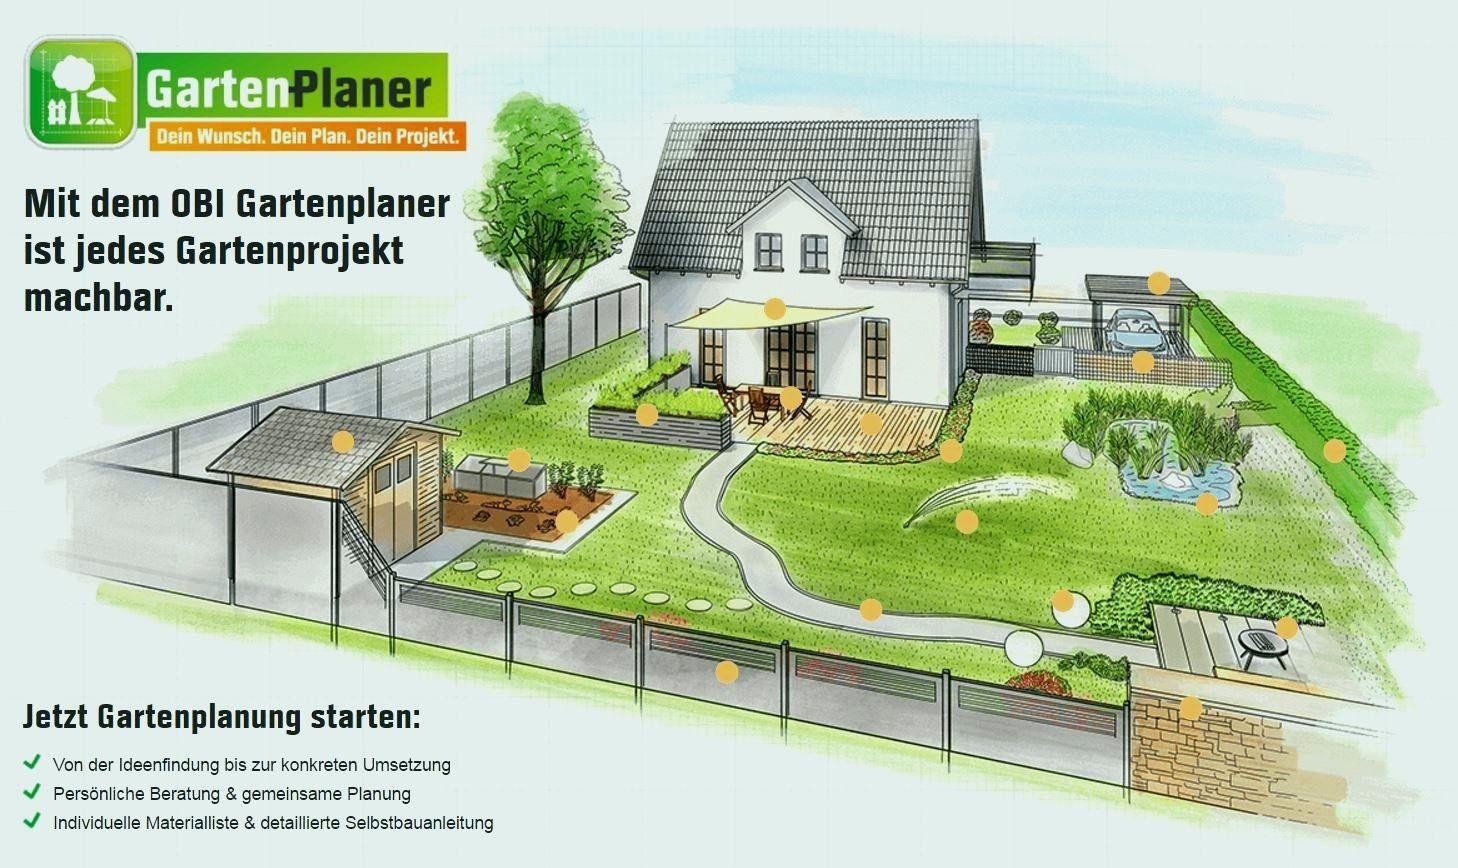 Einzigartig 40 Fur Garten Gestalten Software Kostenlos Garten Planen Gartengestaltung Garten Grundriss